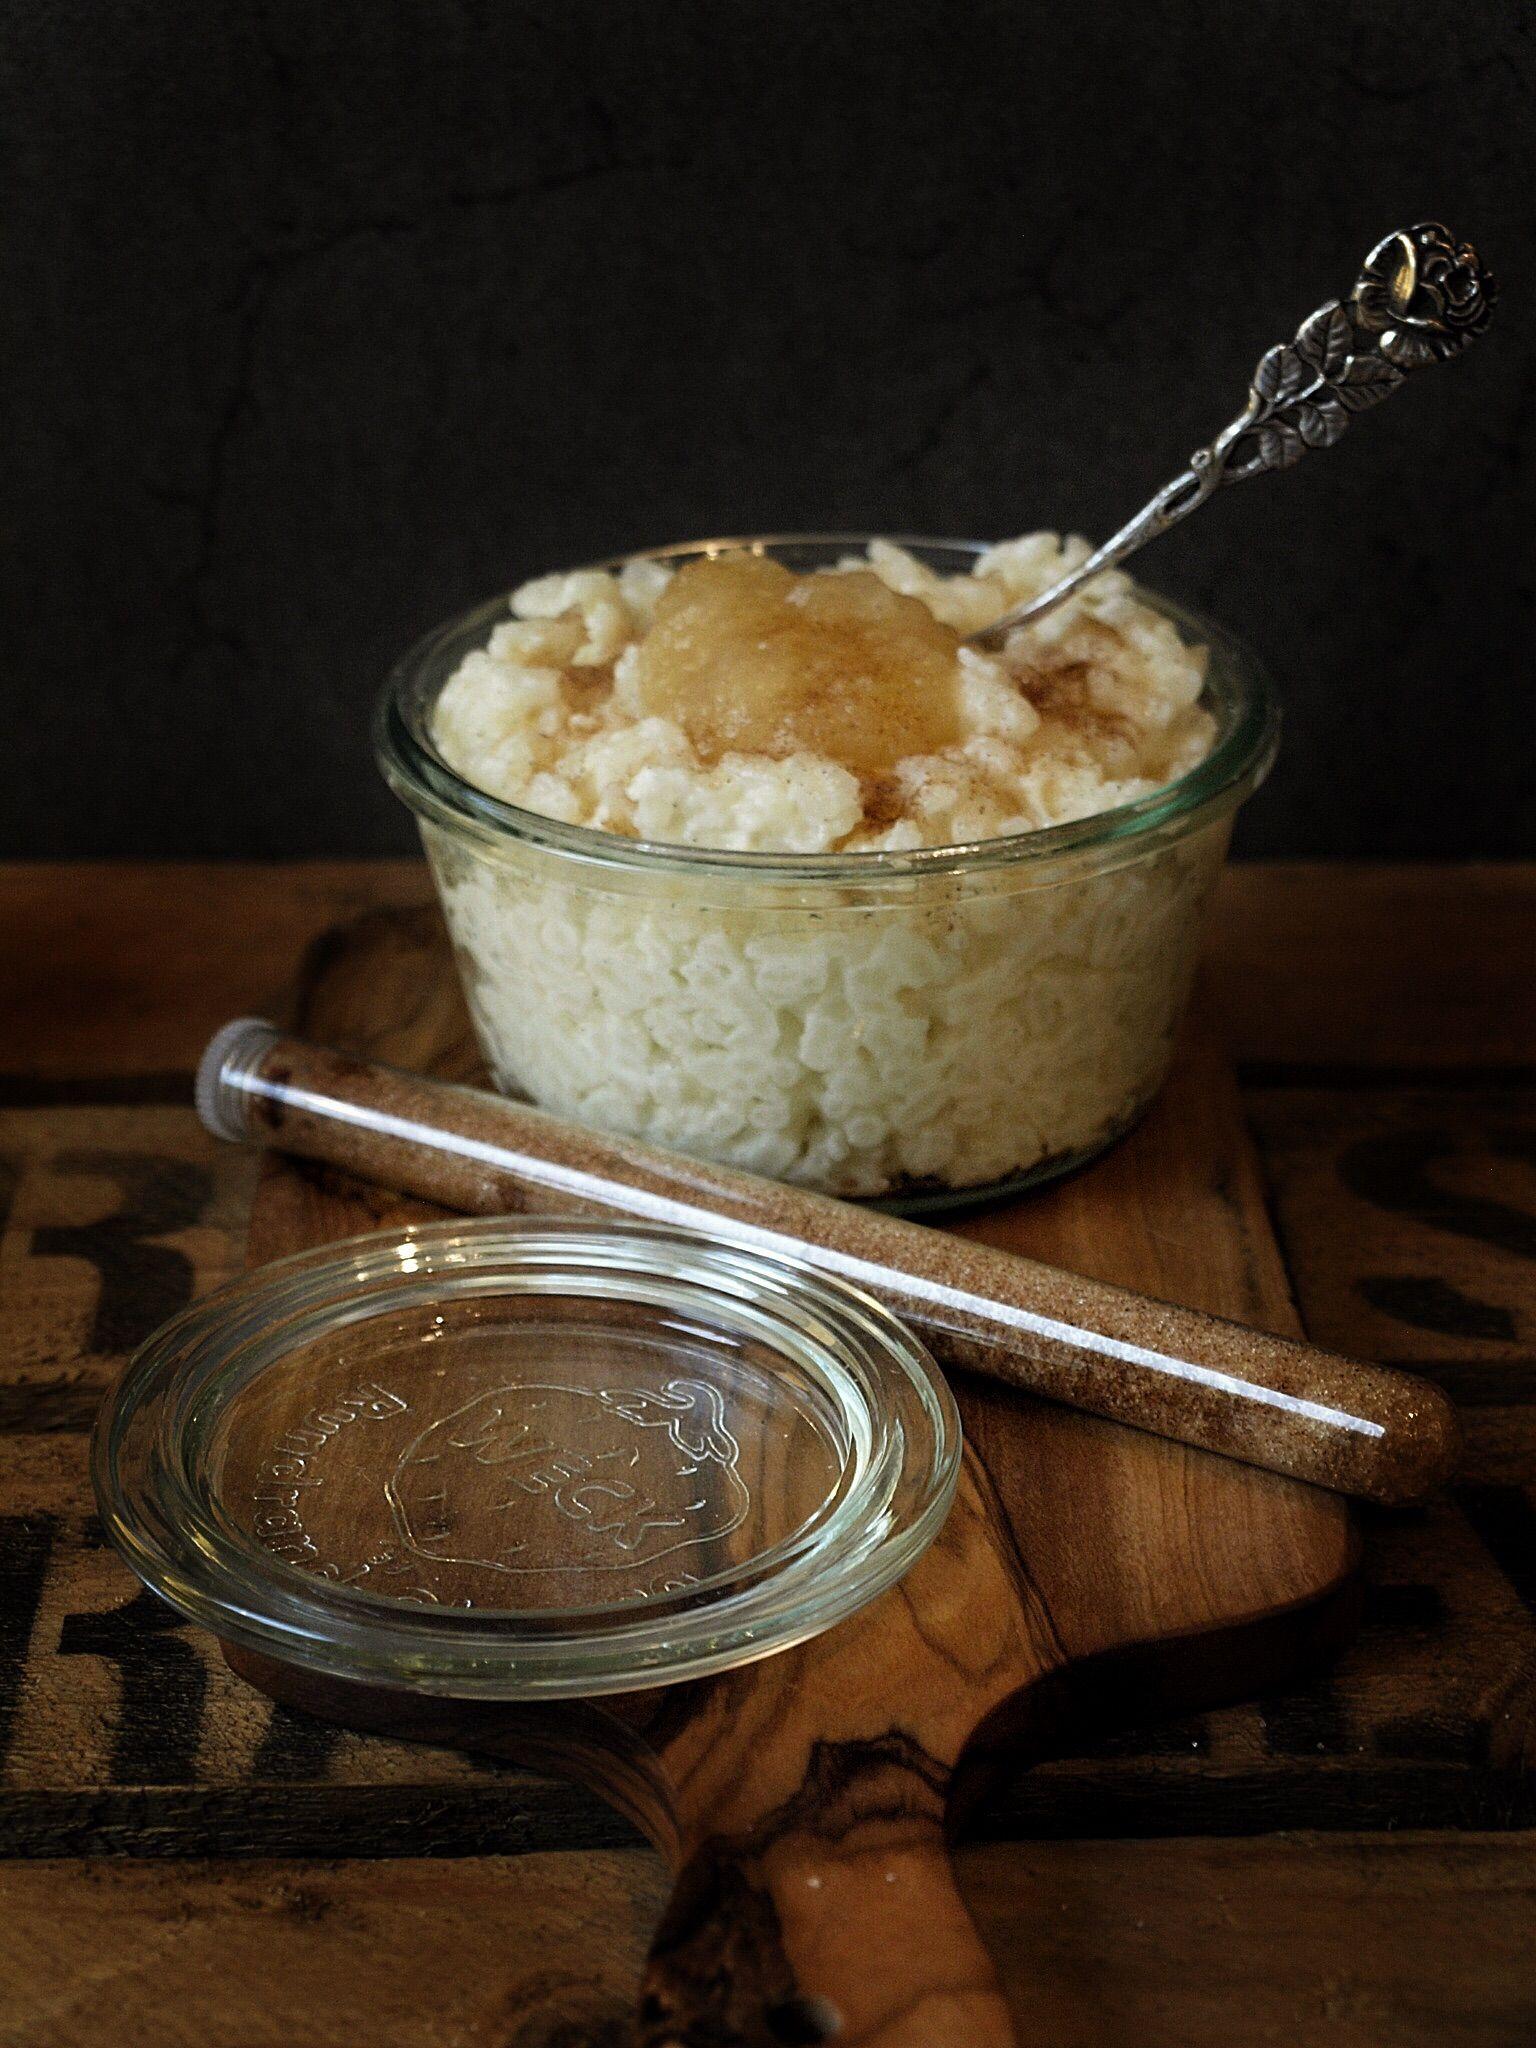 Milchreis Mit Zimt Und Zucker Oder Fruchtig Mit Apfelmus Zimt Und Zucker Milchreis Kochen Rezepte